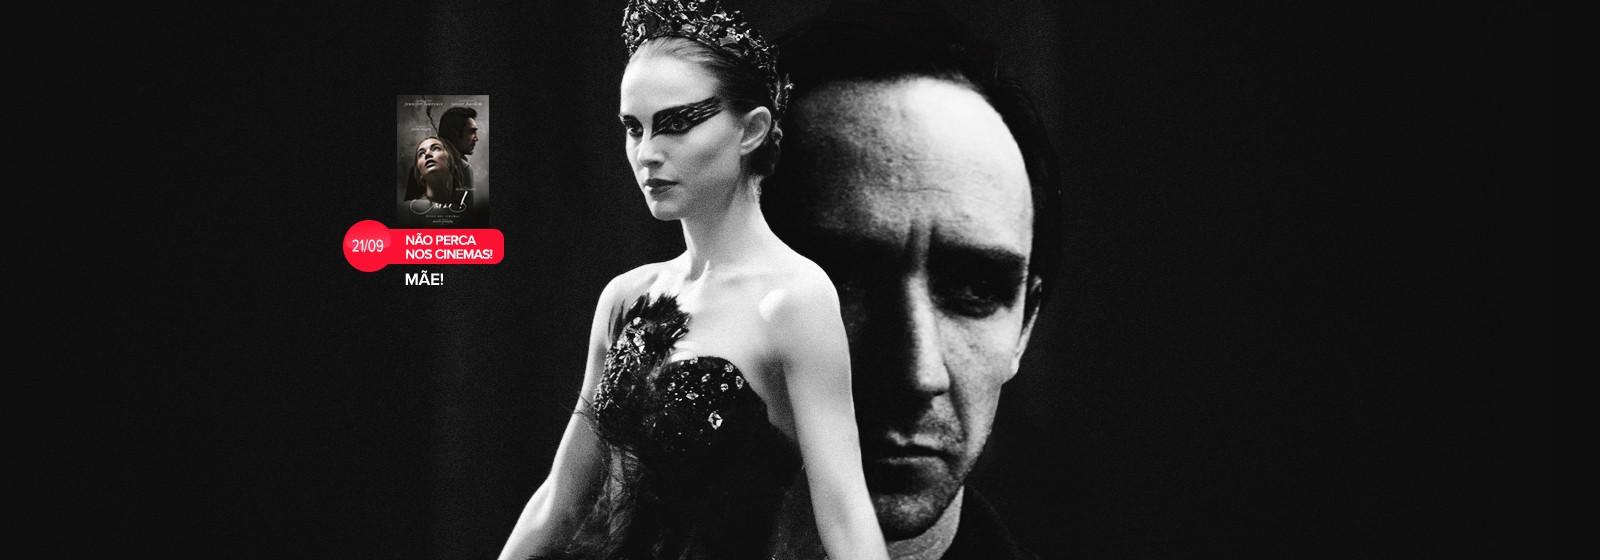 Dupla de Filmes do Darren Aronofsky